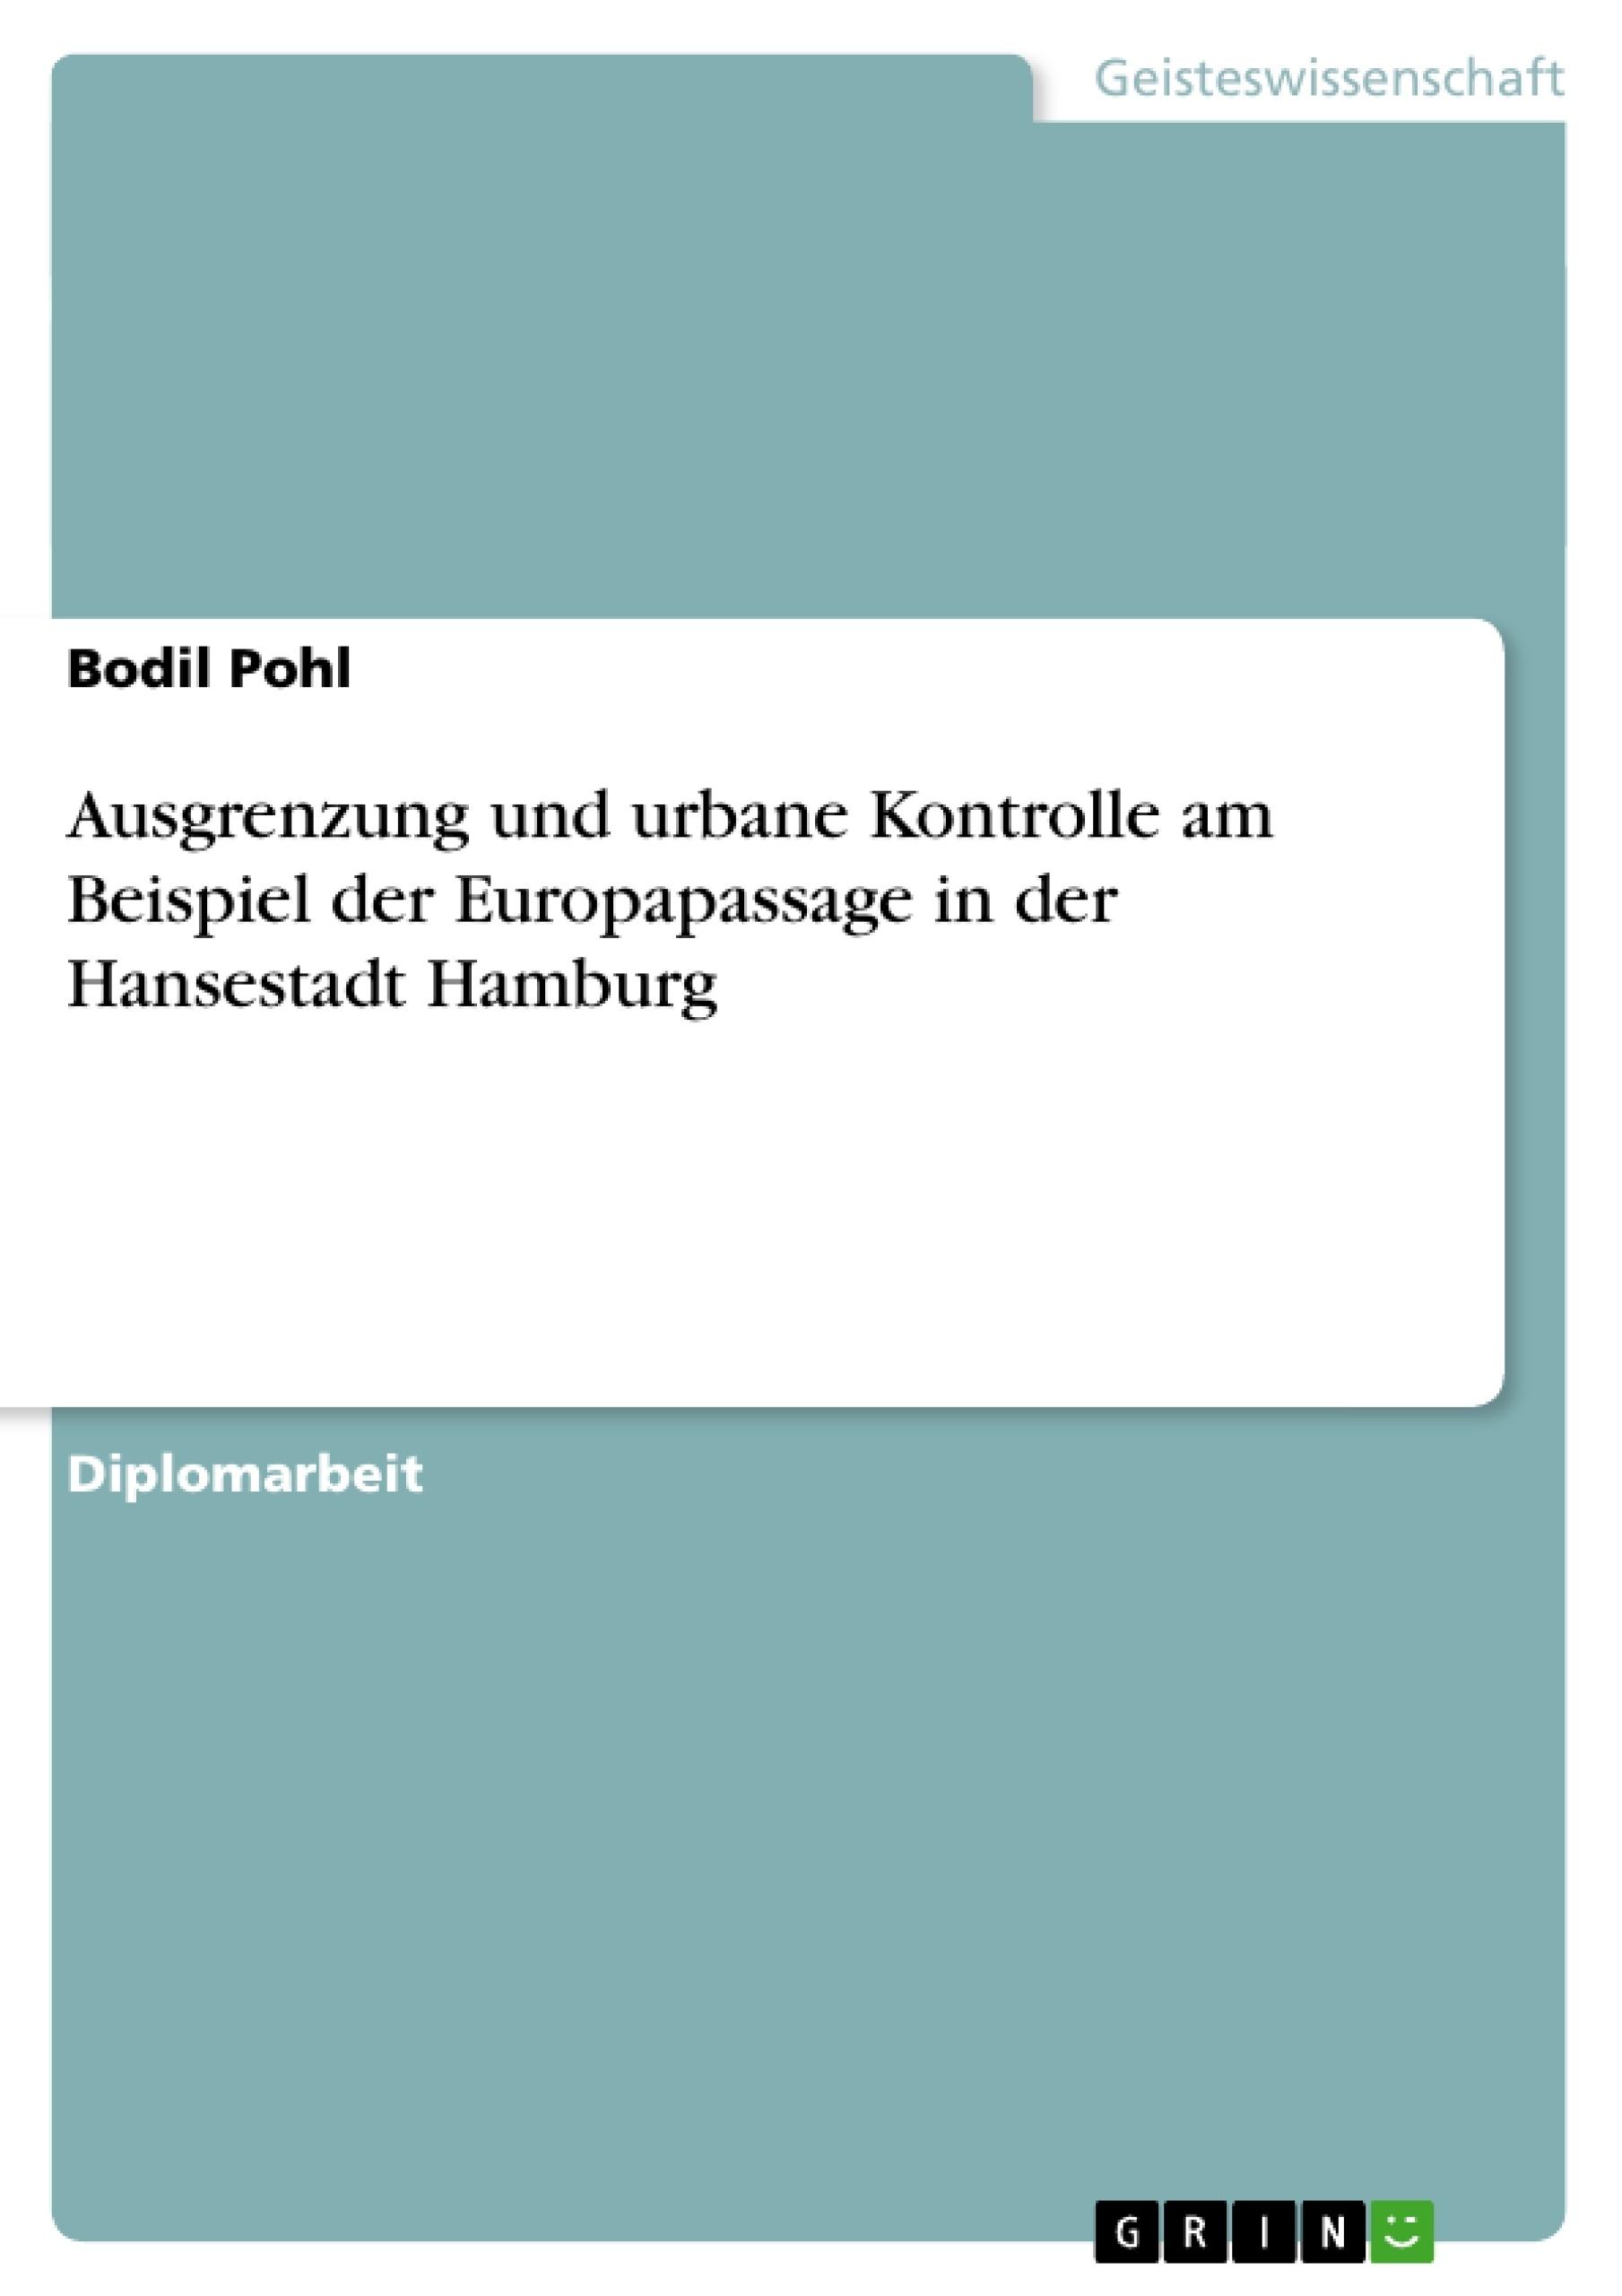 Titel: Ausgrenzung und urbane Kontrolle am Beispiel der Europapassage in der Hansestadt Hamburg